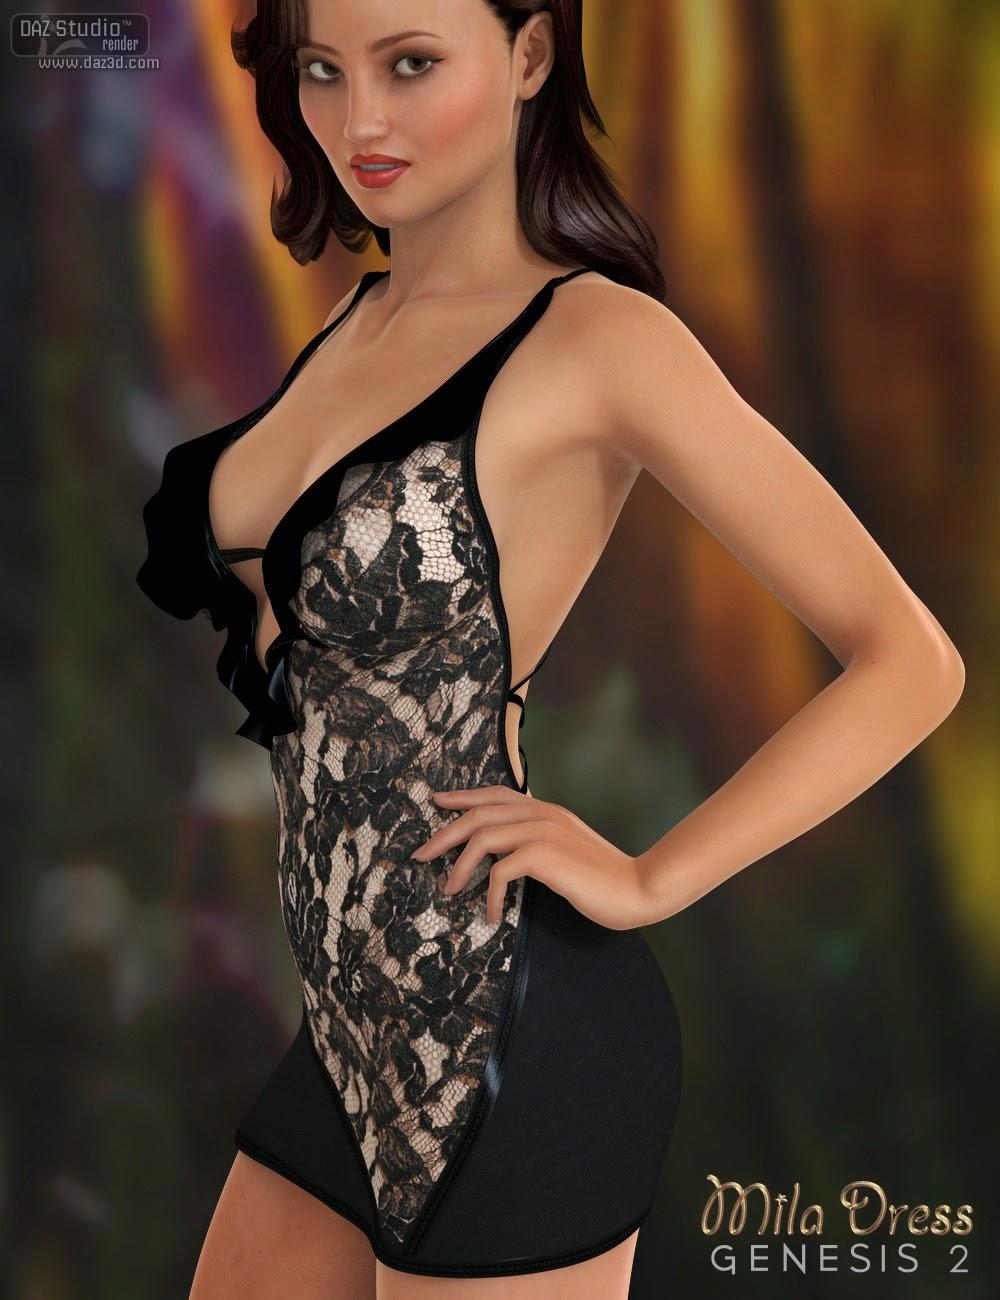 Mila Dress for Genesis 2 Female